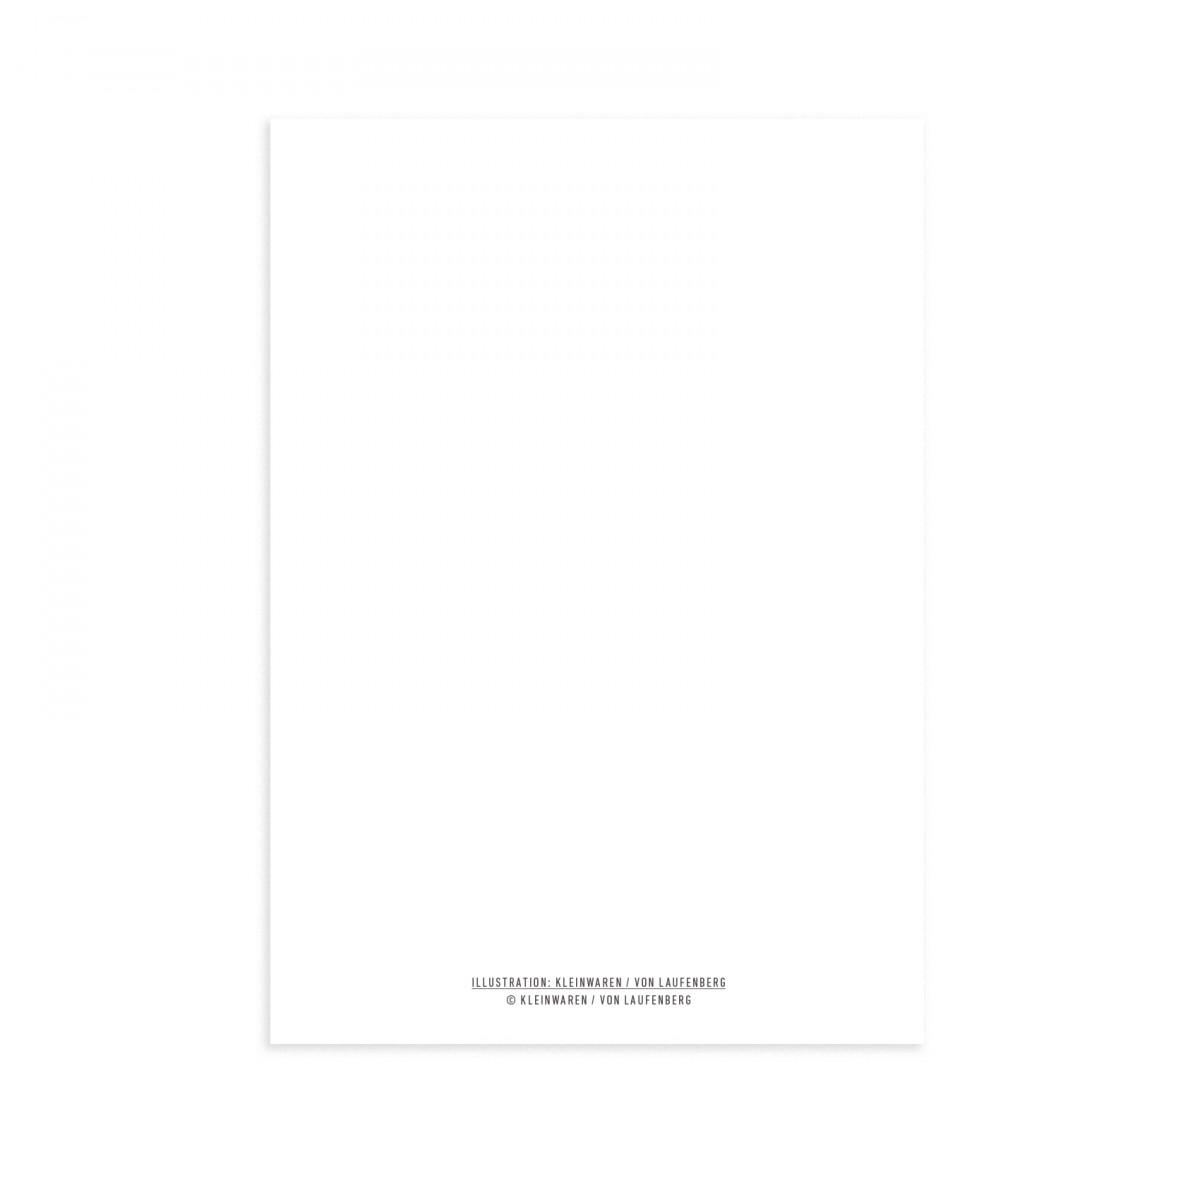 KLEINWAREN / VON LAUFENBERG Postkarte Schnallzange